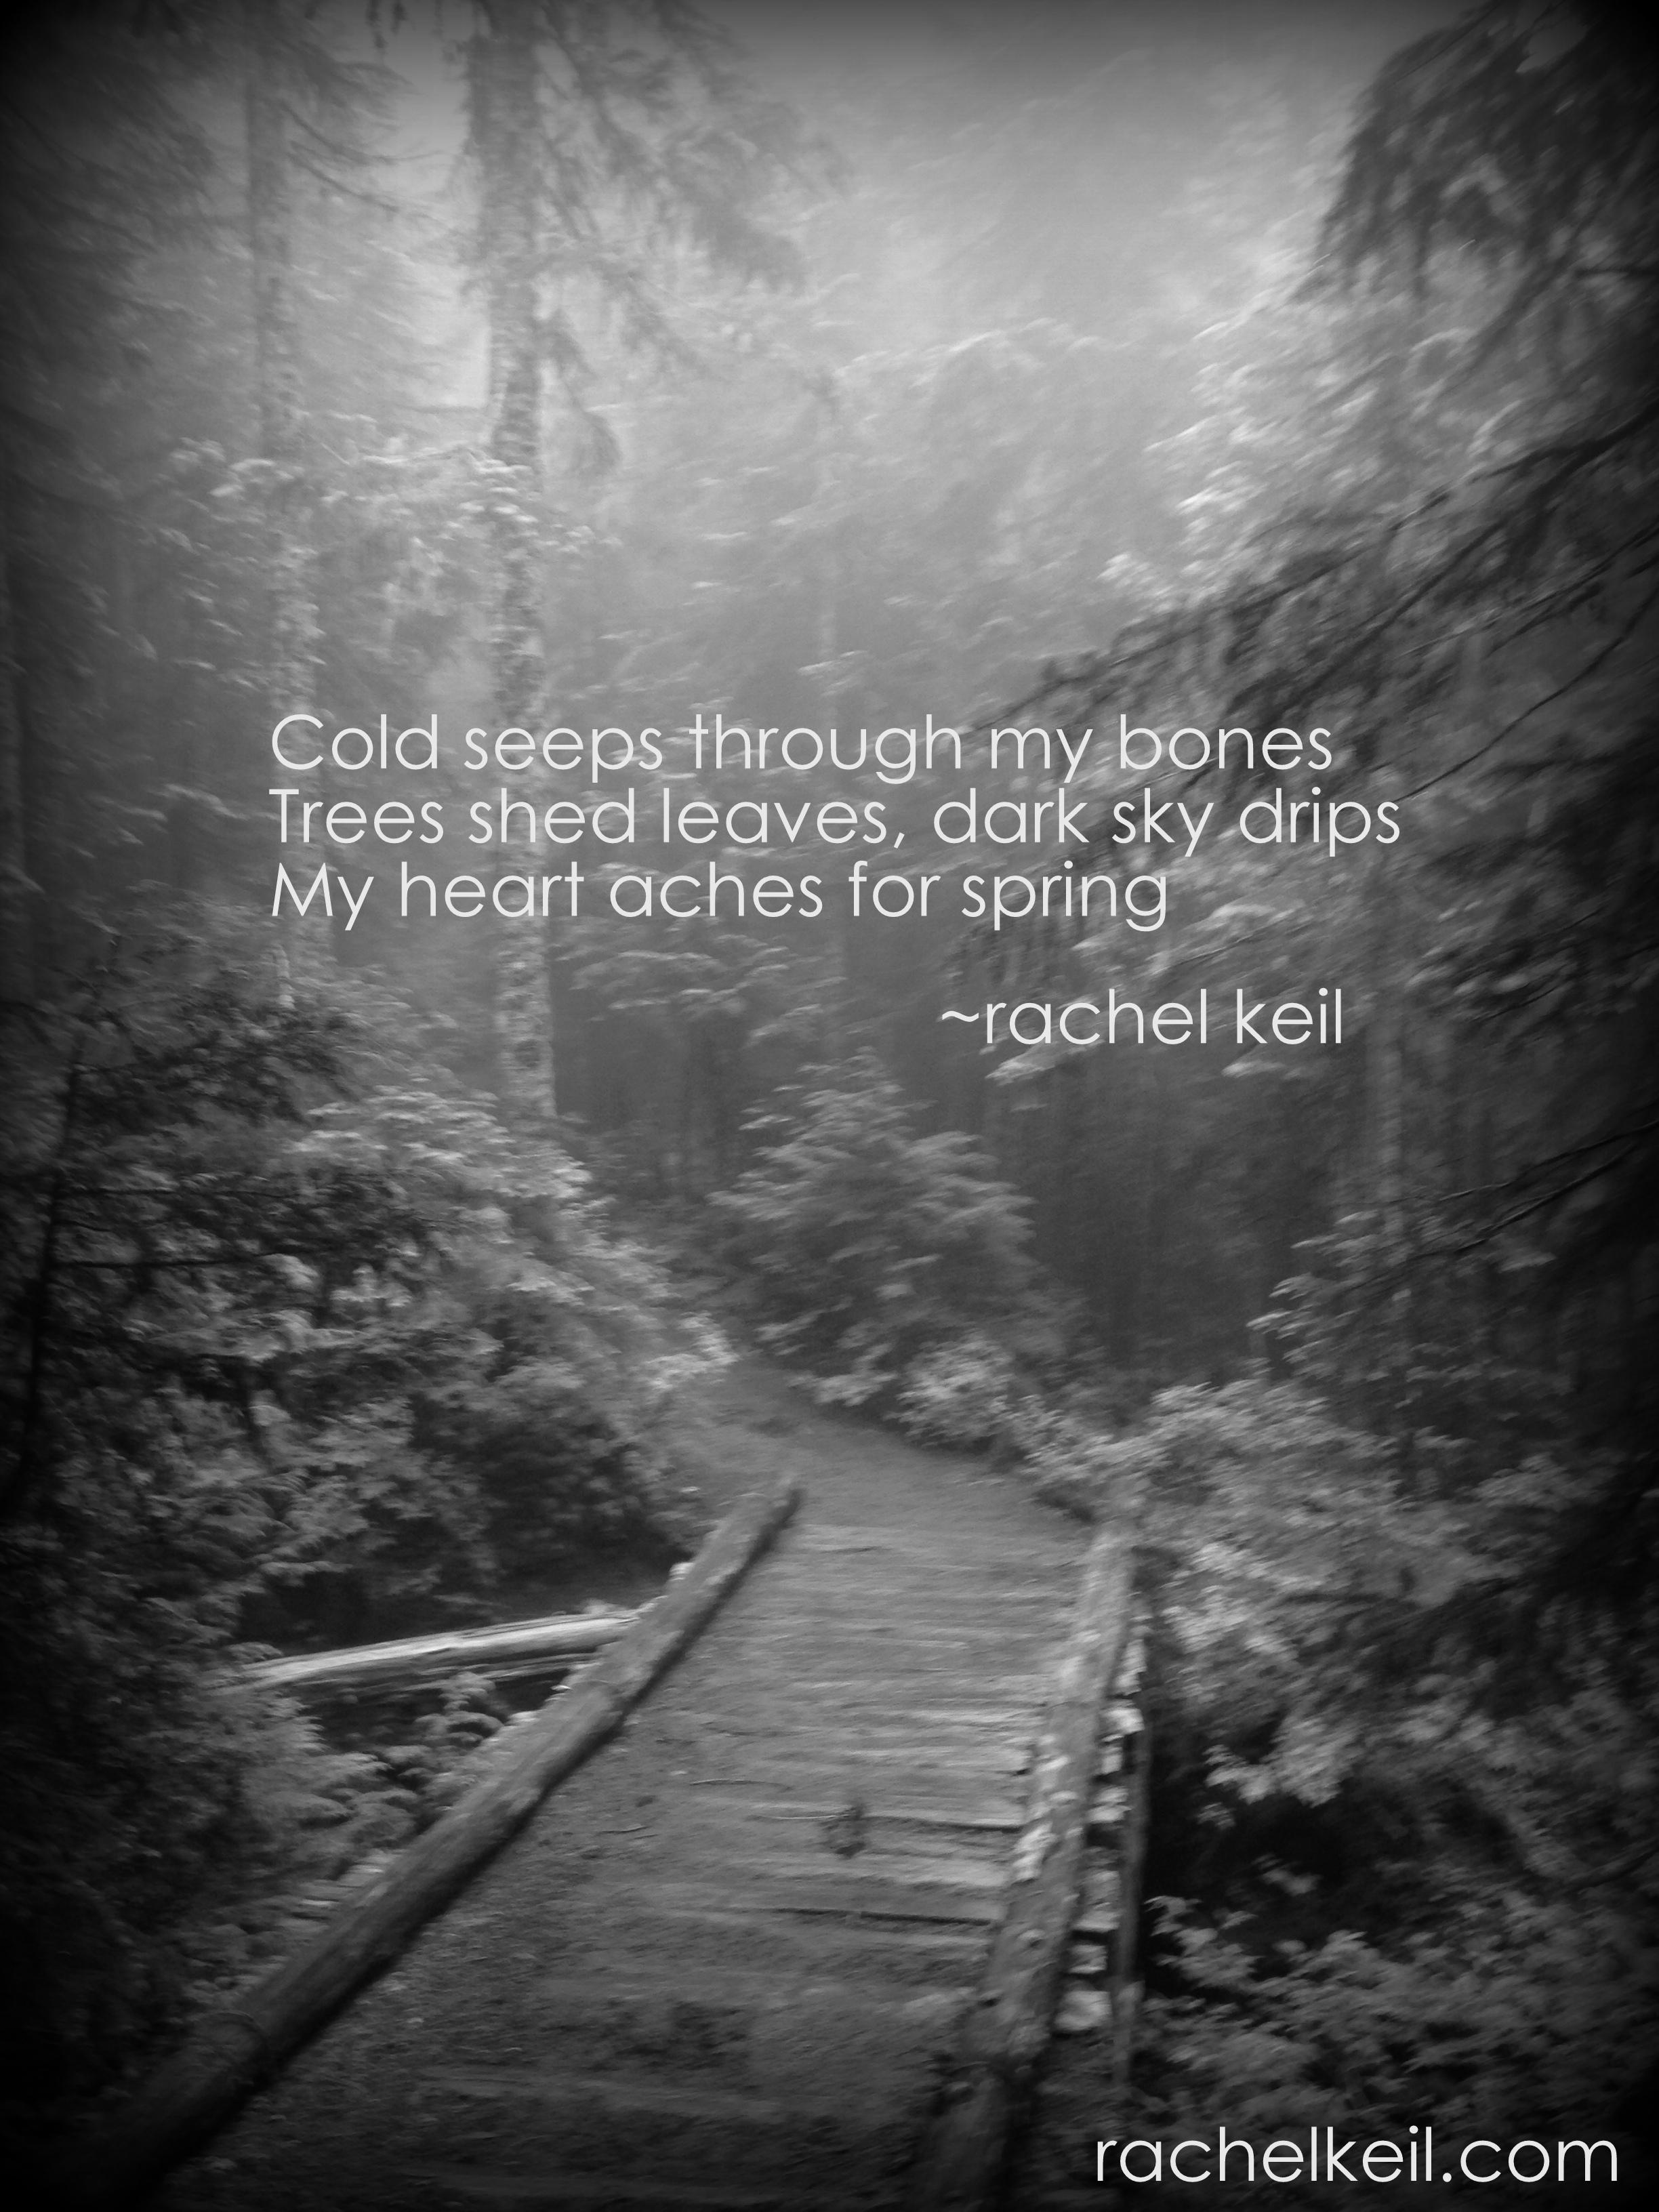 Aching For Spring-Blog-Haiku